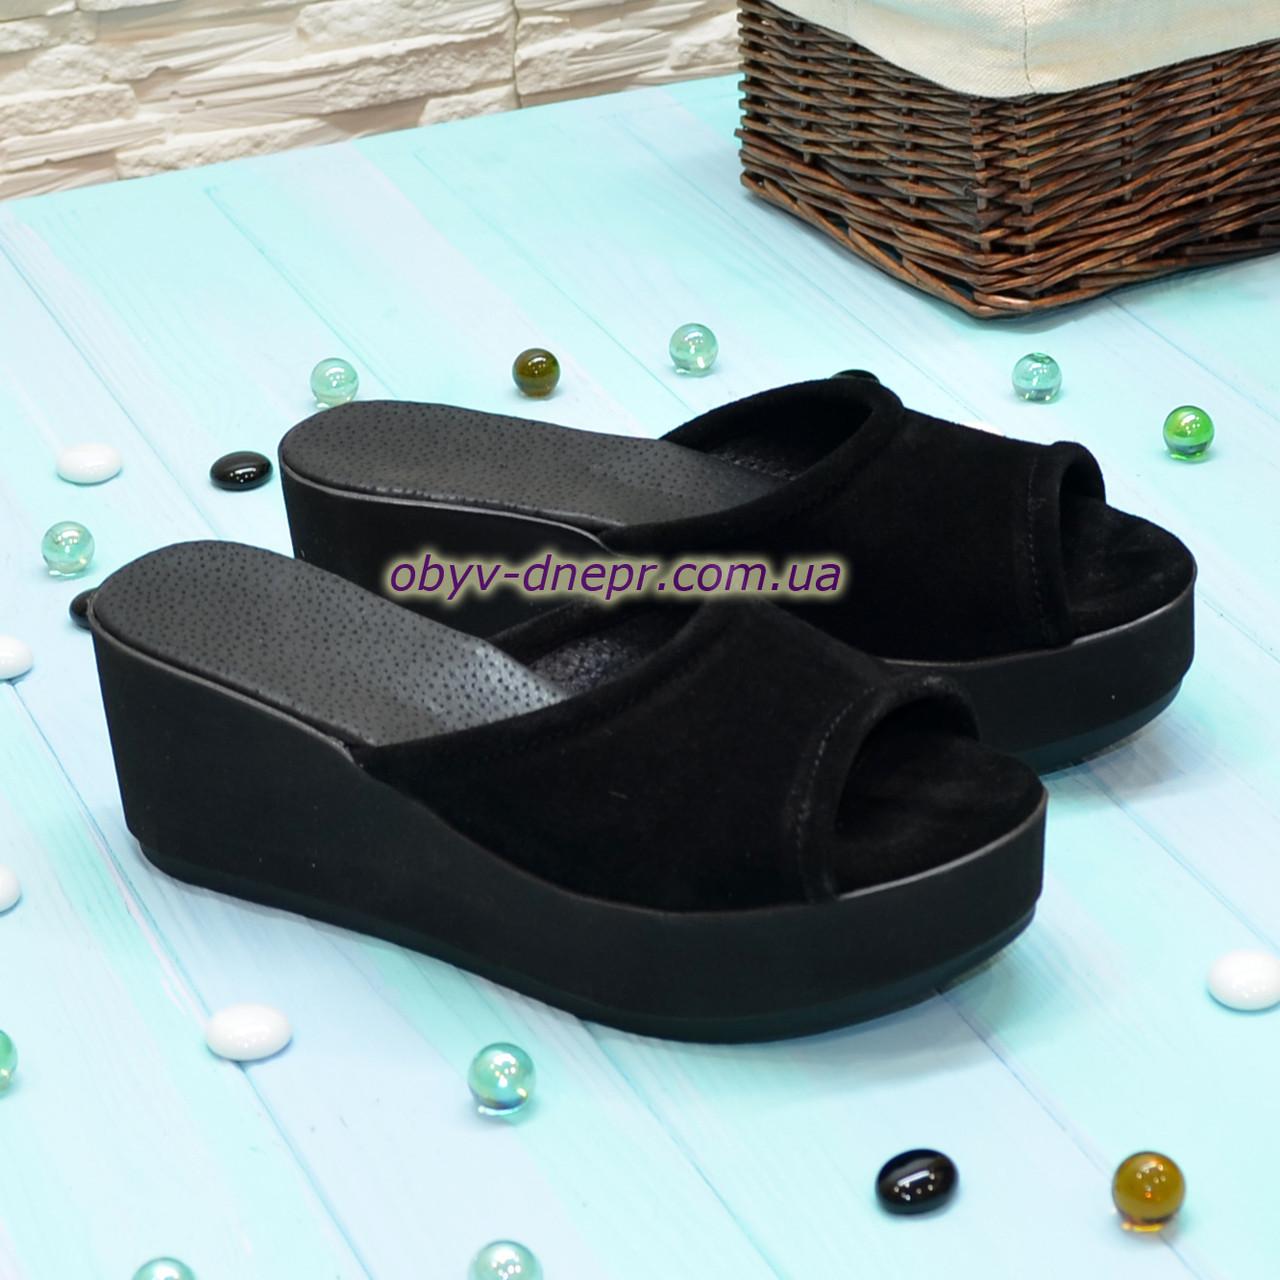 Женские замшевые сабо на платформе, цвет черный